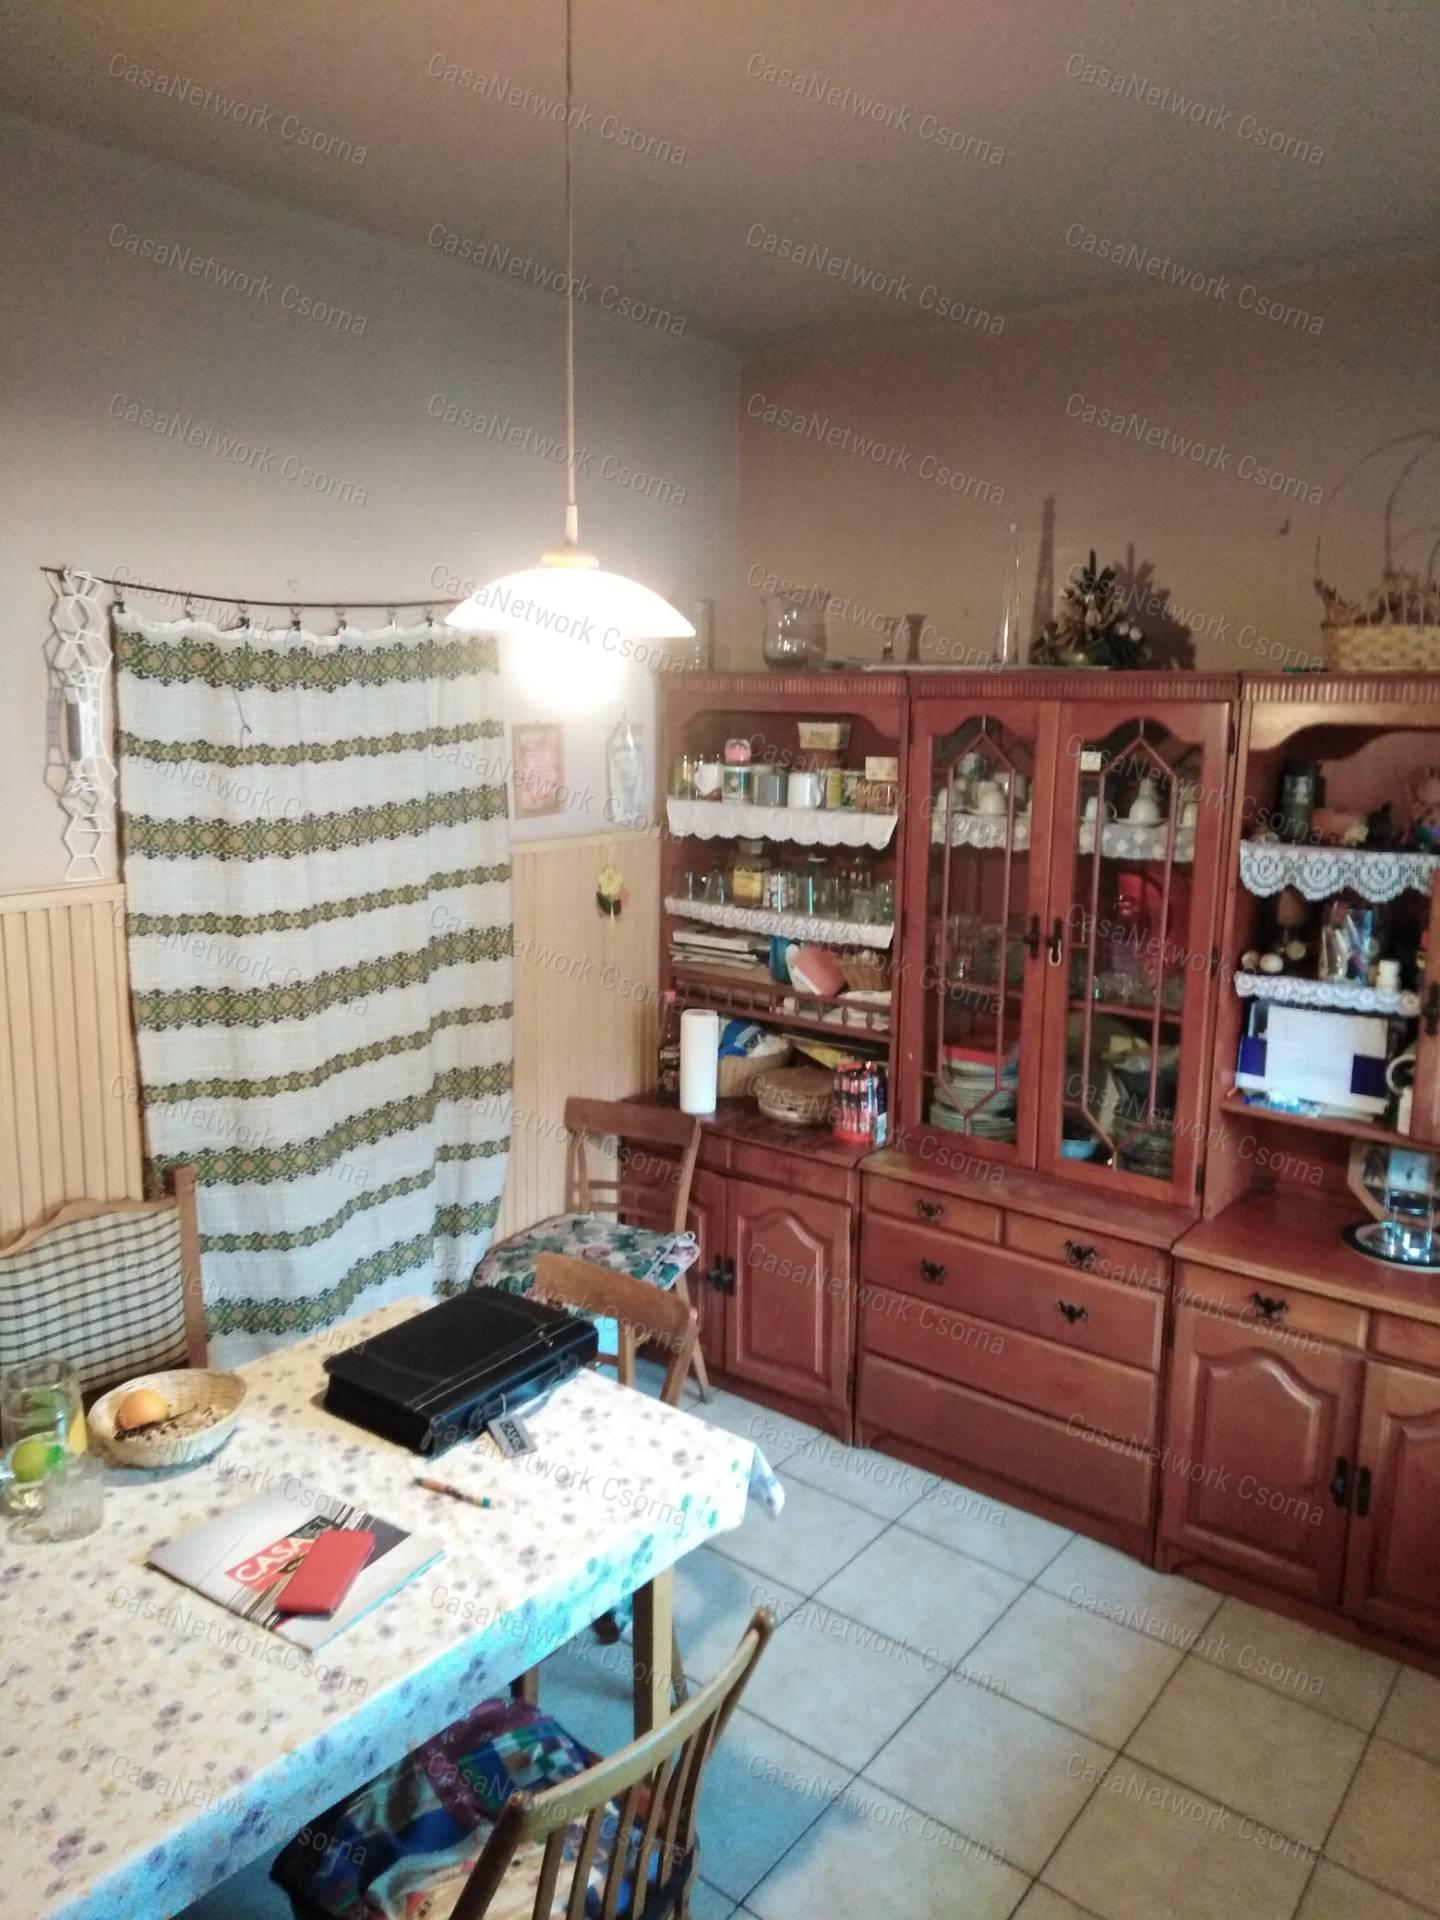 Eladó családi ház, Győr-Moson-Sopron megye, Rábakecöl - sz.: 164600241 - CasaNetWork.hu